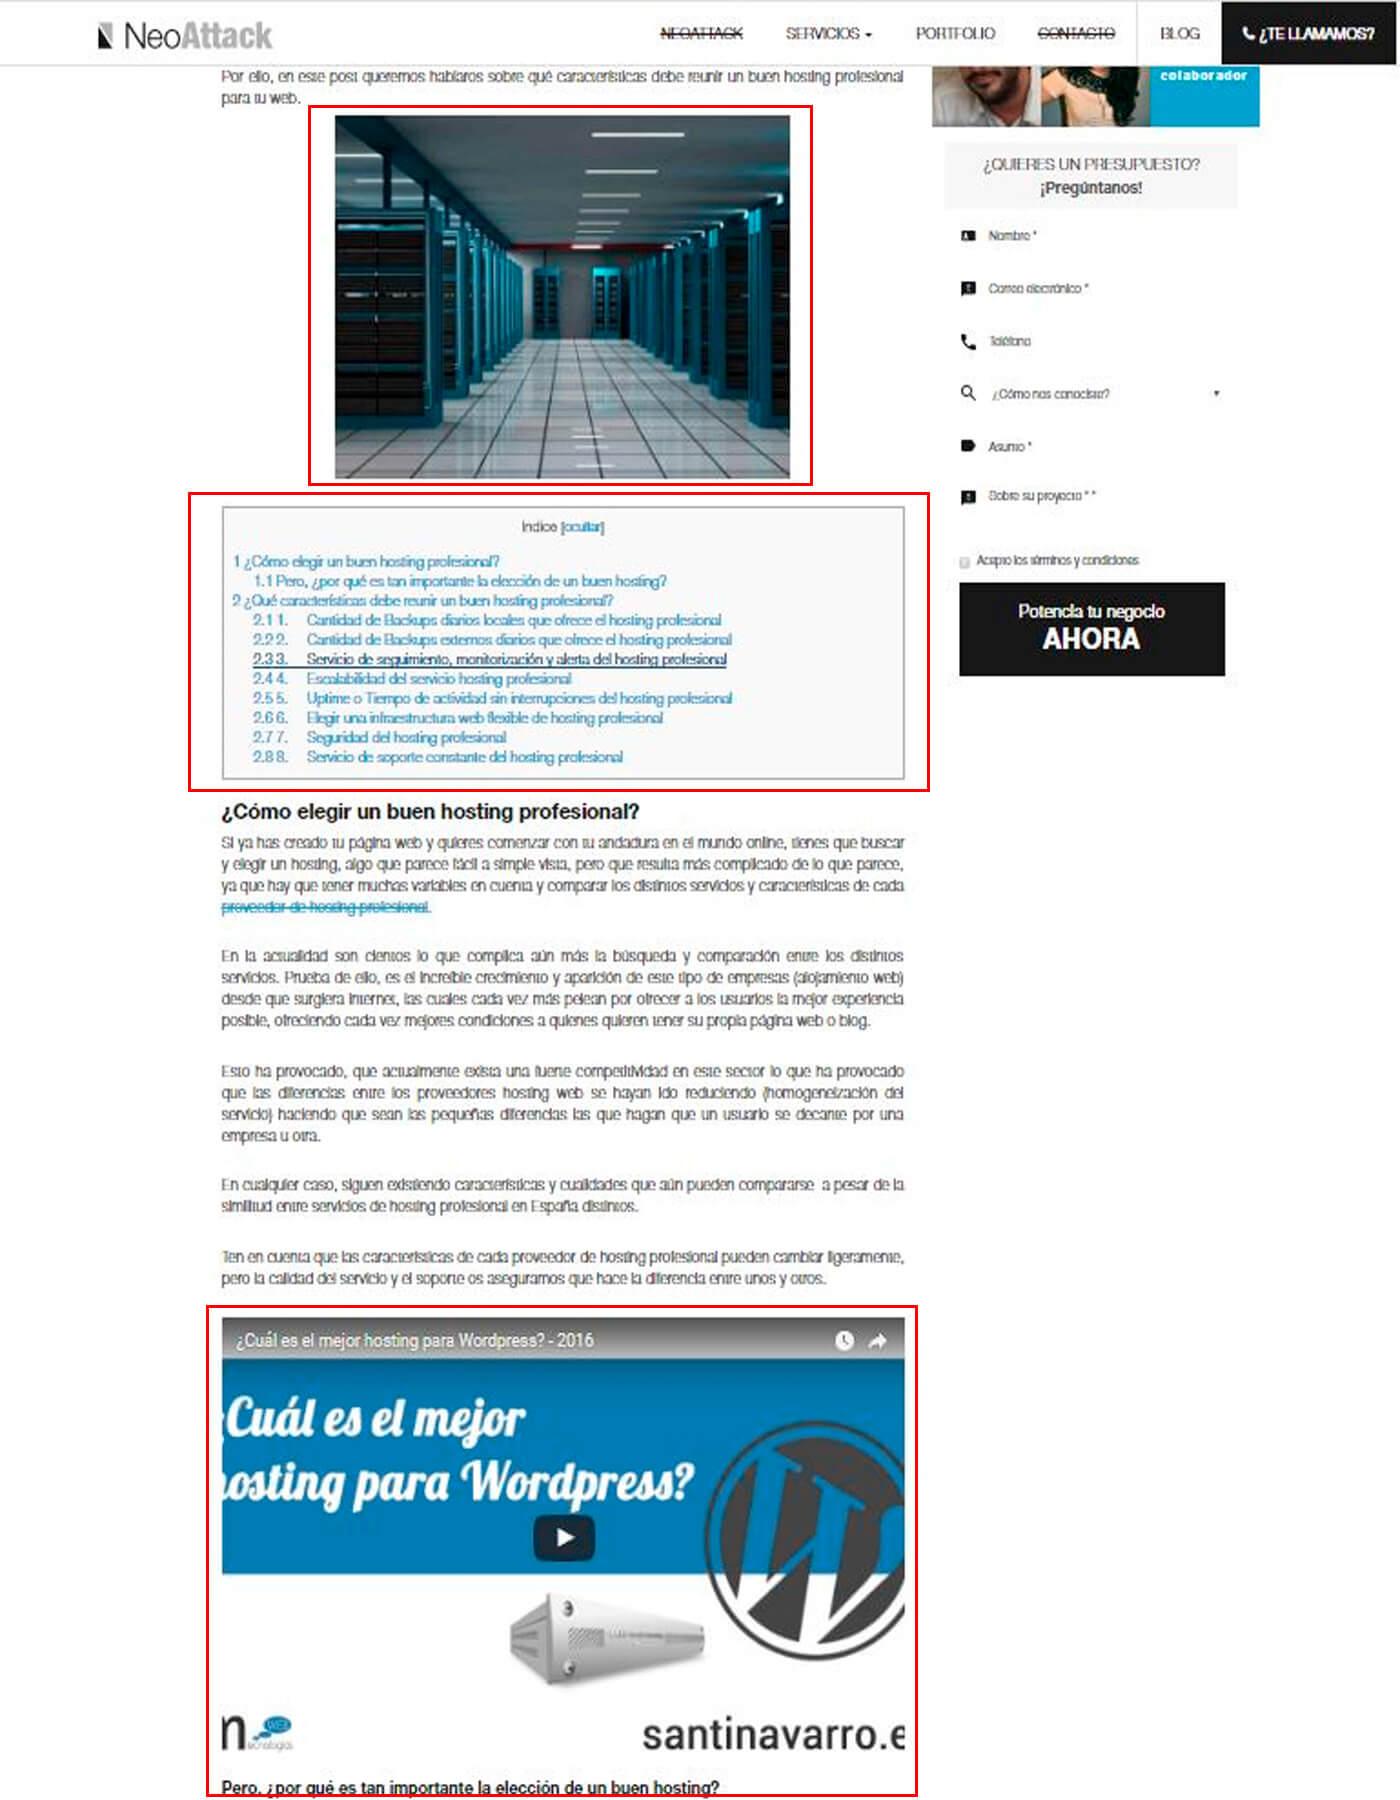 Usabilidad web para mejorar la legibilidad y estructura de los contenidos